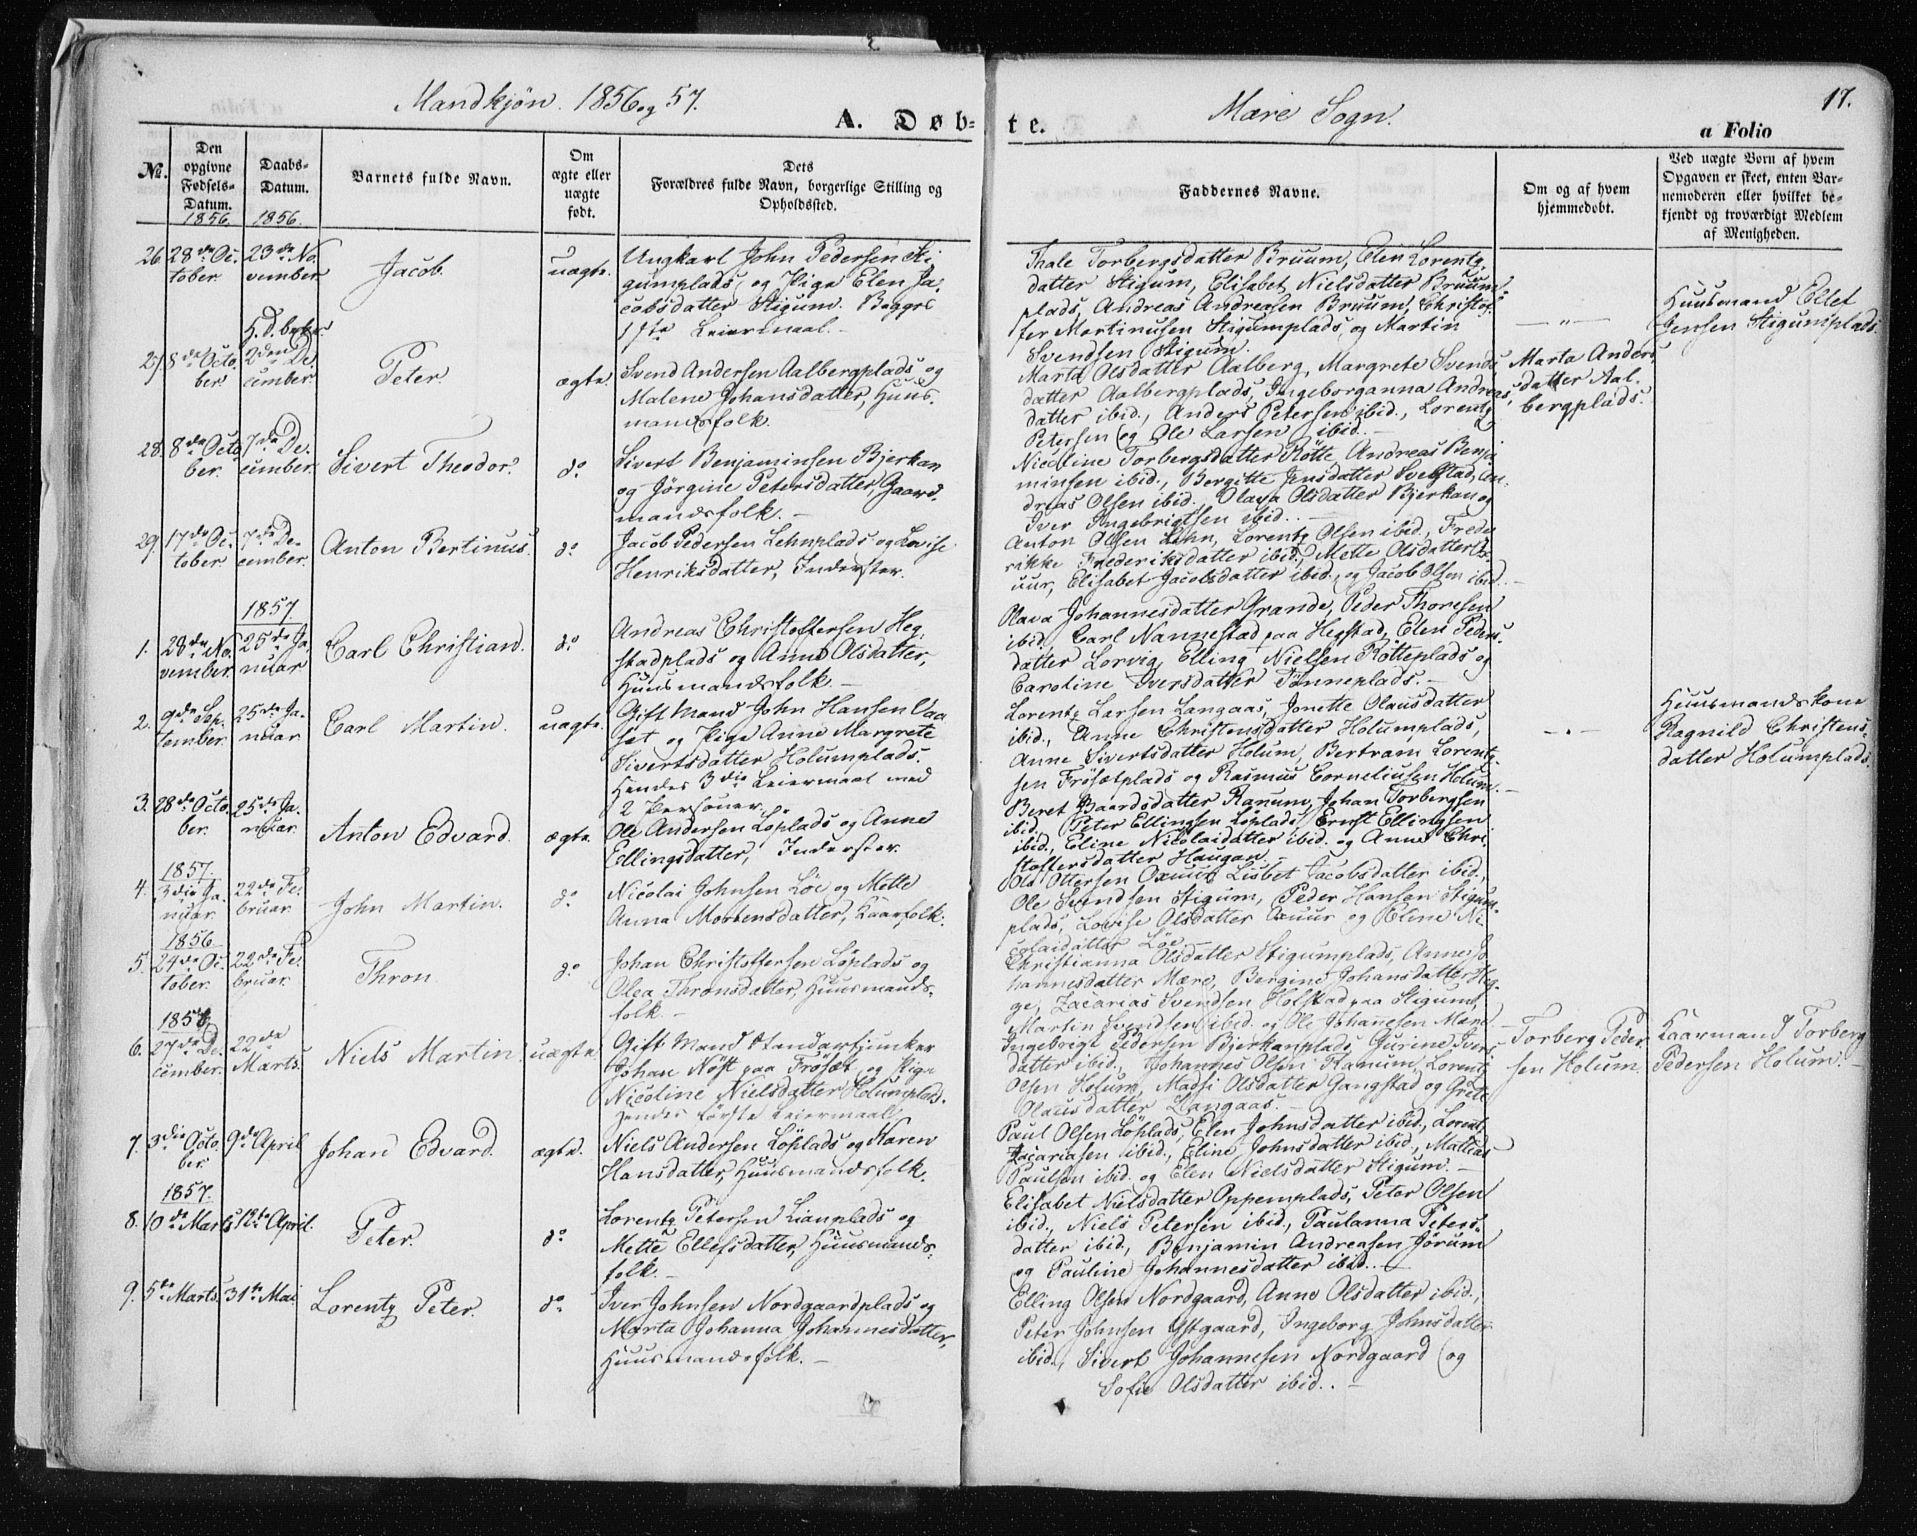 SAT, Ministerialprotokoller, klokkerbøker og fødselsregistre - Nord-Trøndelag, 735/L0342: Ministerialbok nr. 735A07 /1, 1849-1862, s. 17